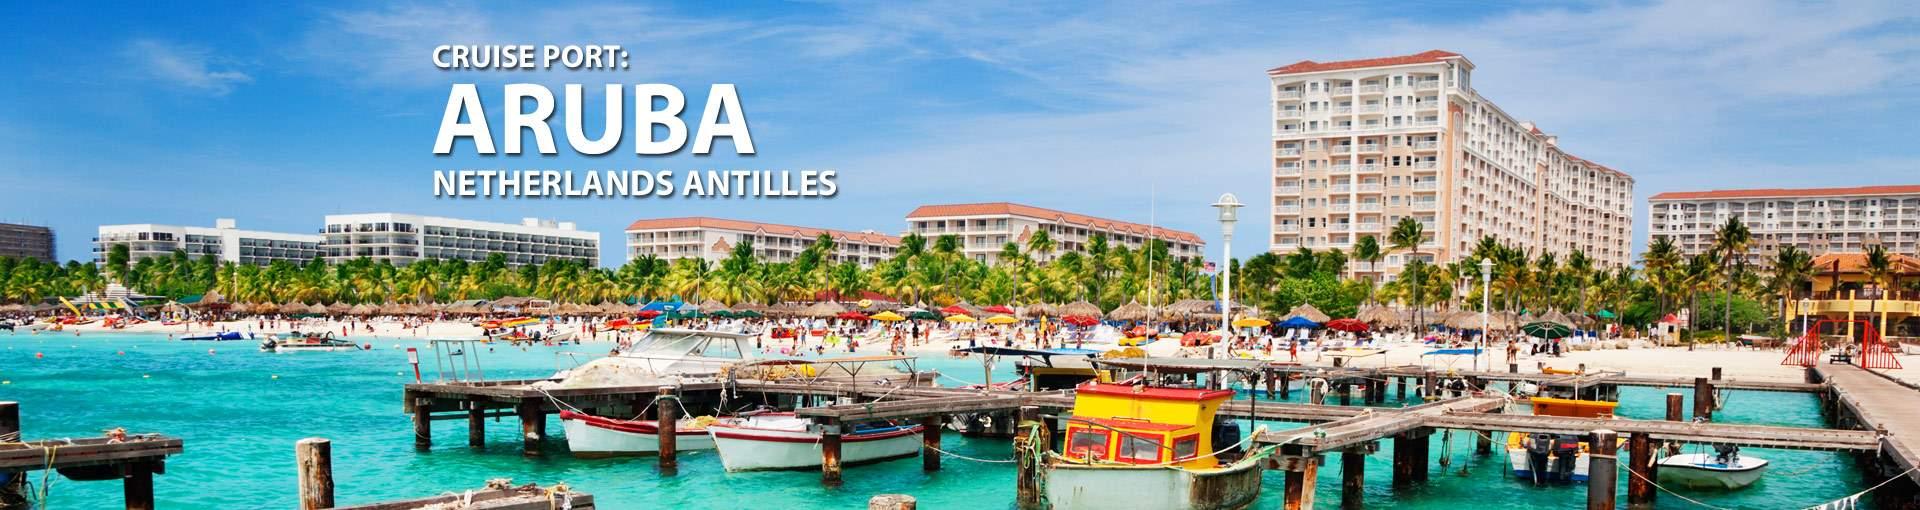 Cruises To Aruba >> Aruba Caribbean Cruise Port 2019 And 2020 Cruises To Aruba